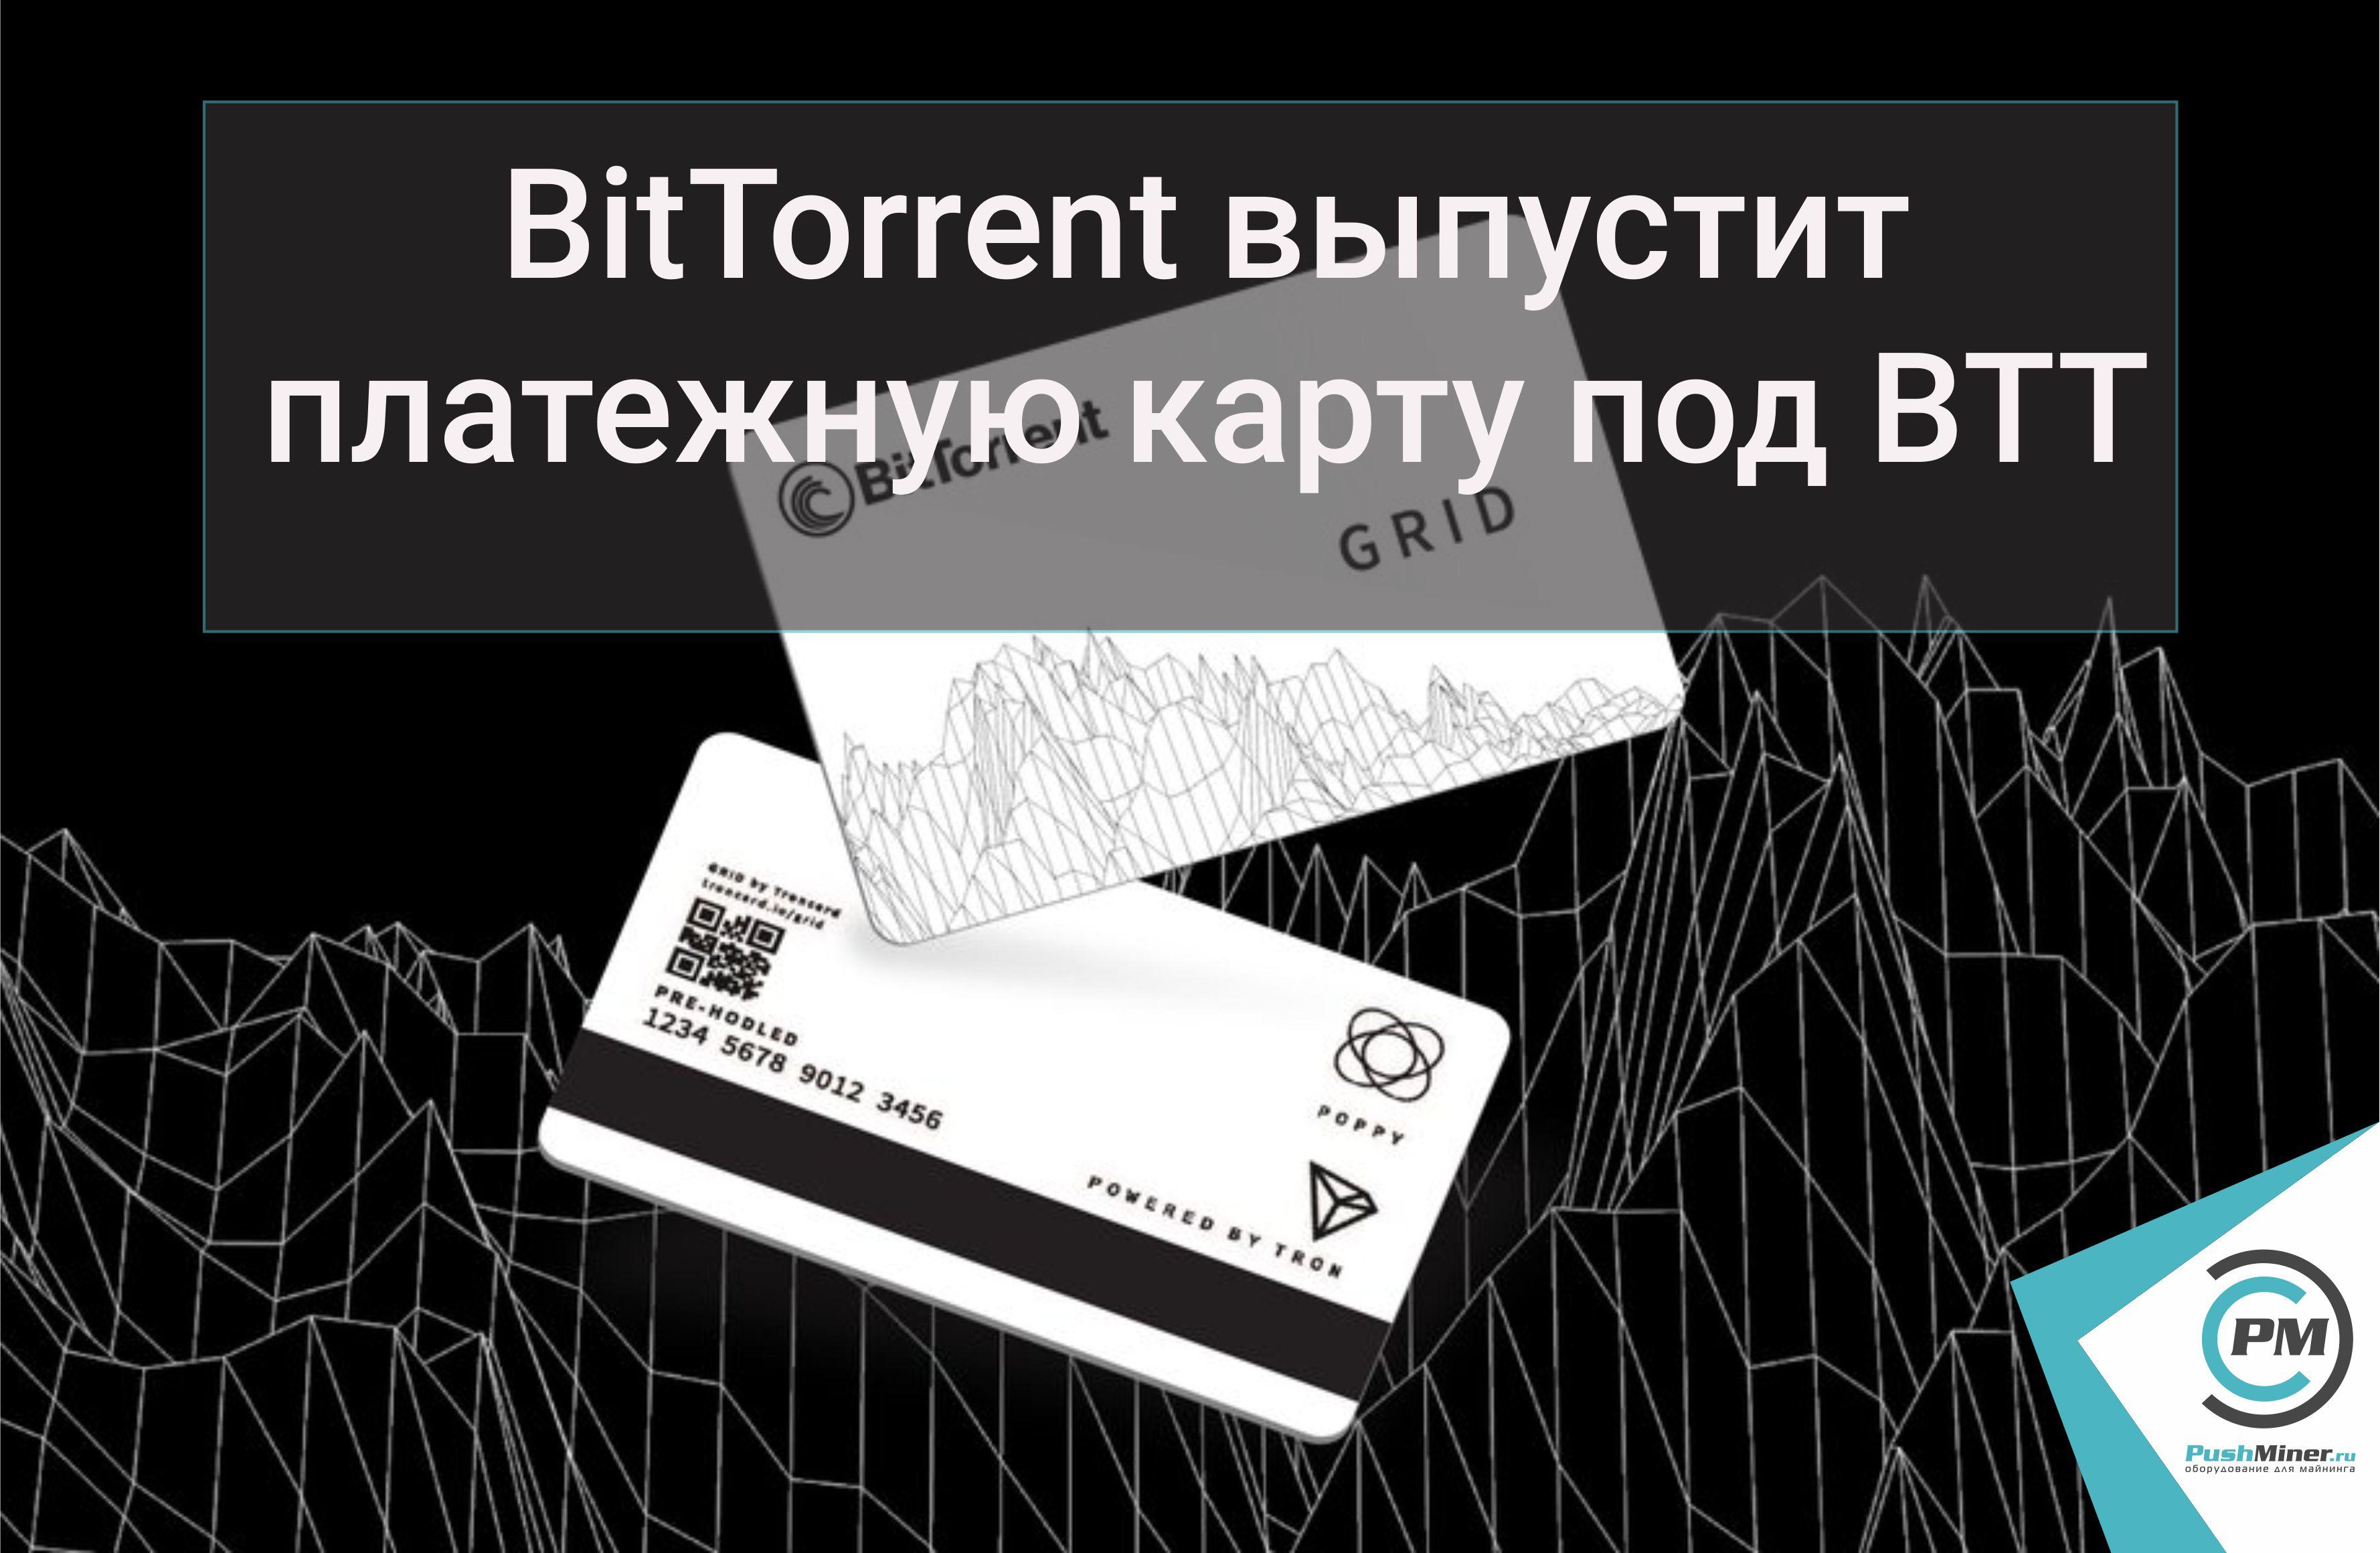 BitTorrent выпустит платежную карту под BTT